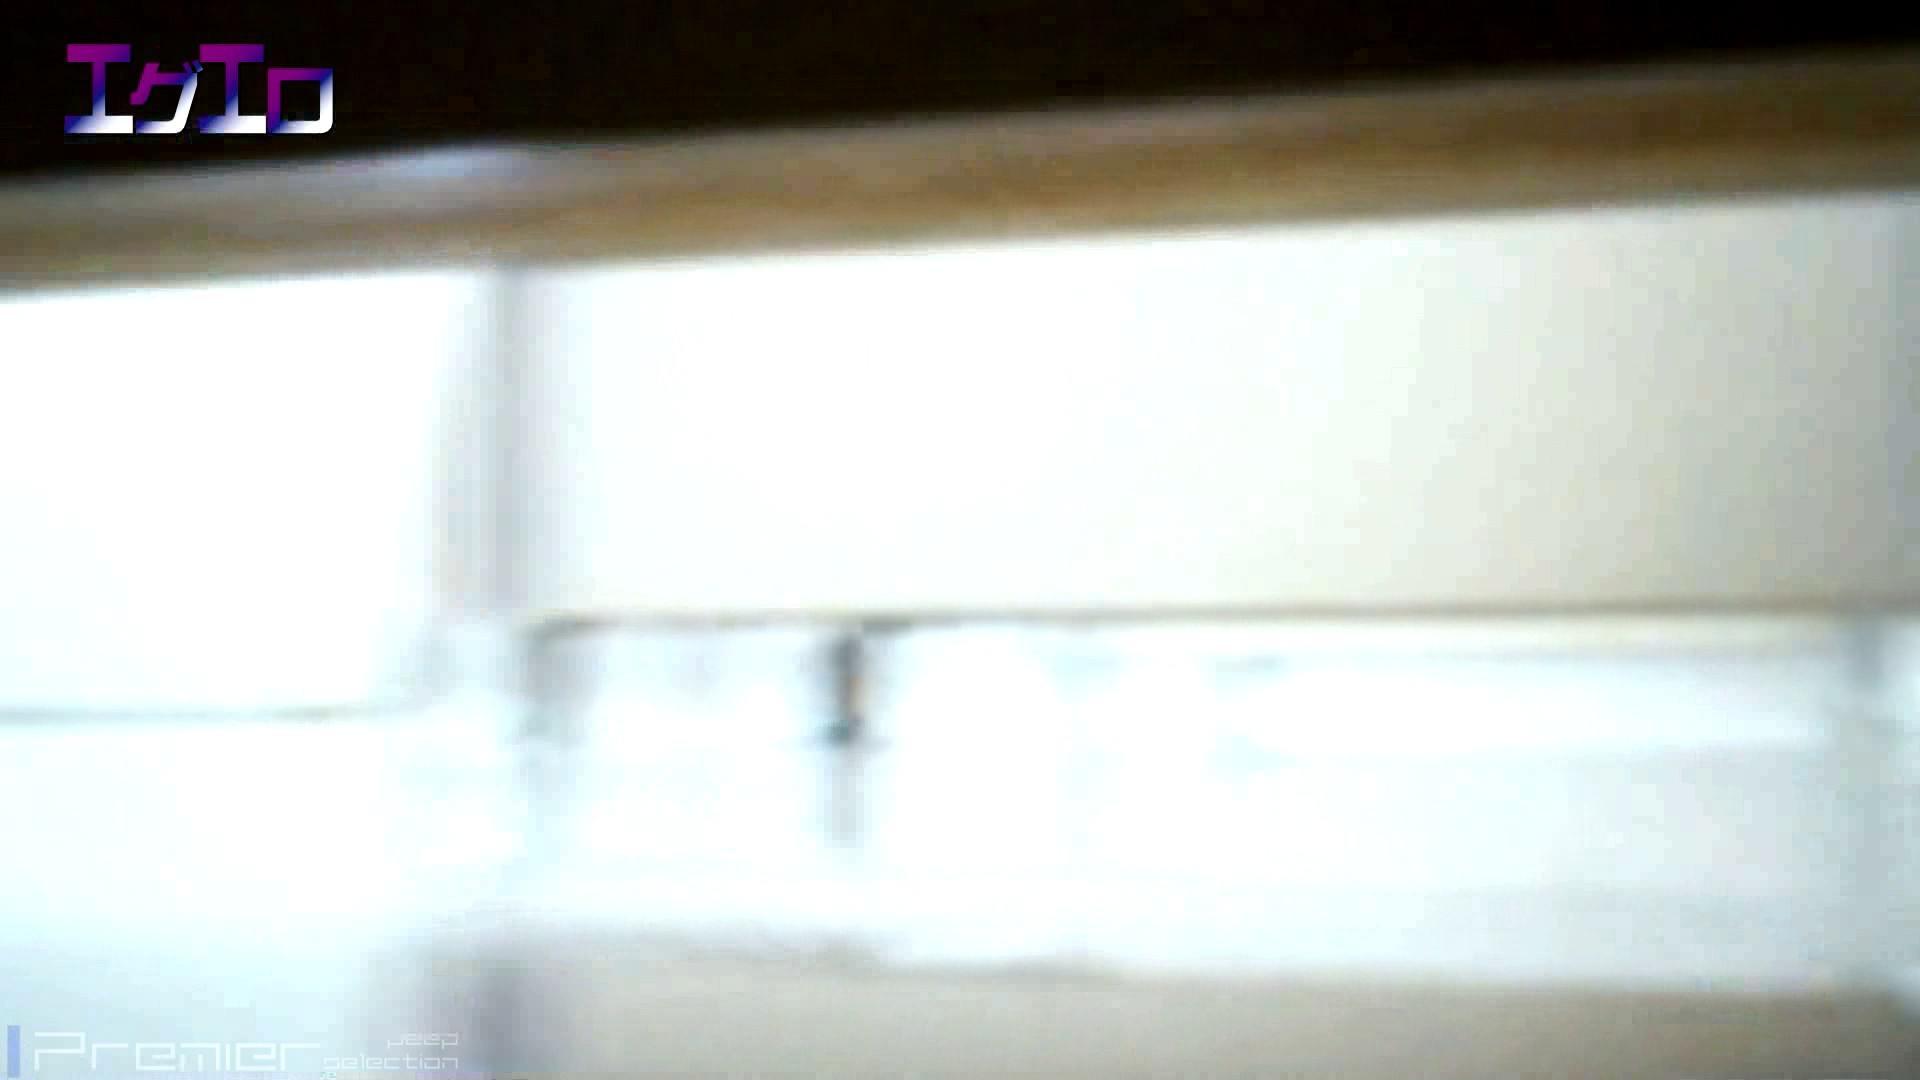 至近距離洗面所 Vol.11 洗面所 | OLのボディ  88PIX 77